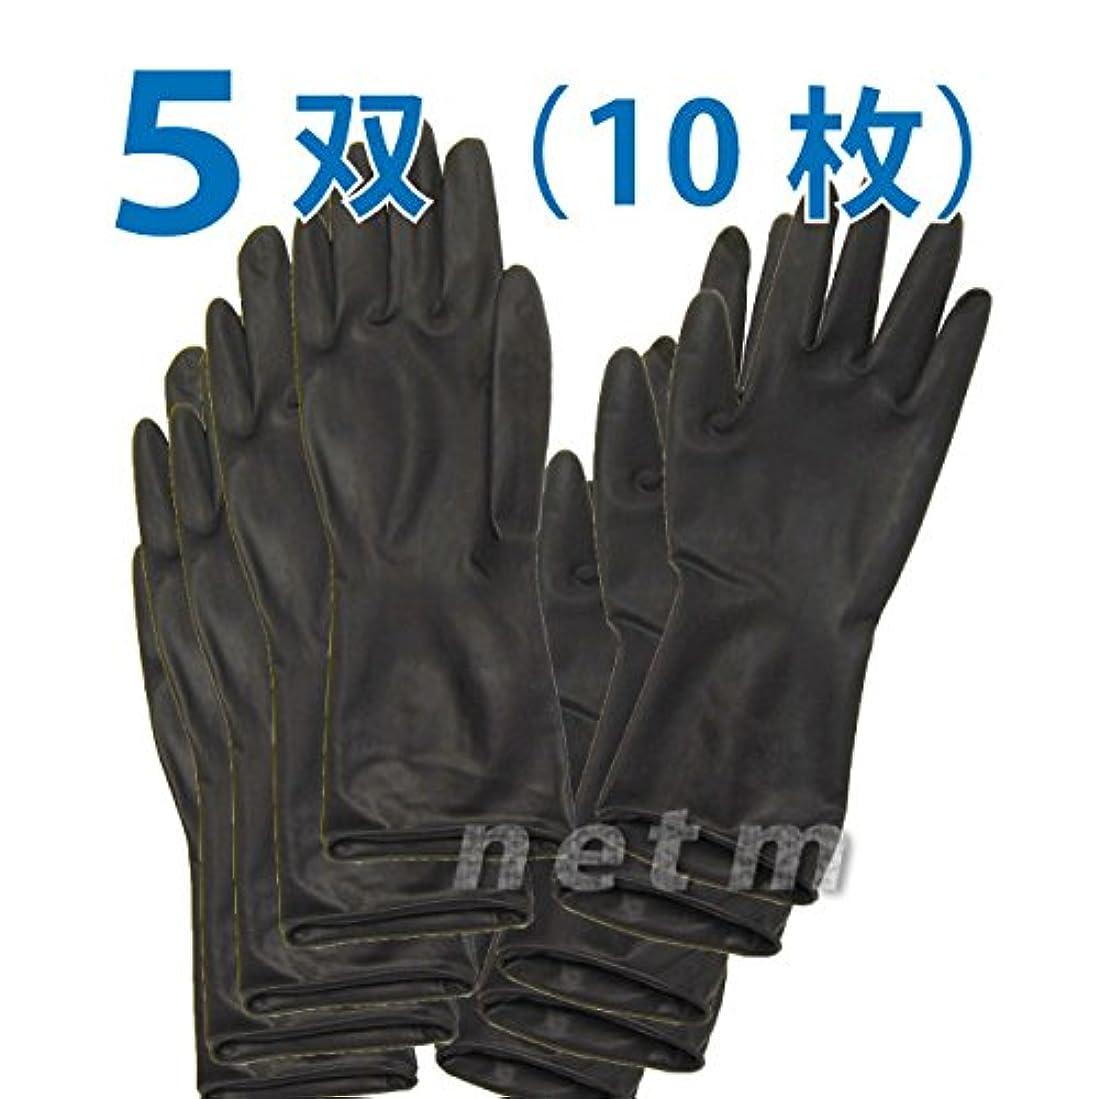 オカモト ブラックグローブ ロングタイプ Sサイズ  5双(10枚)